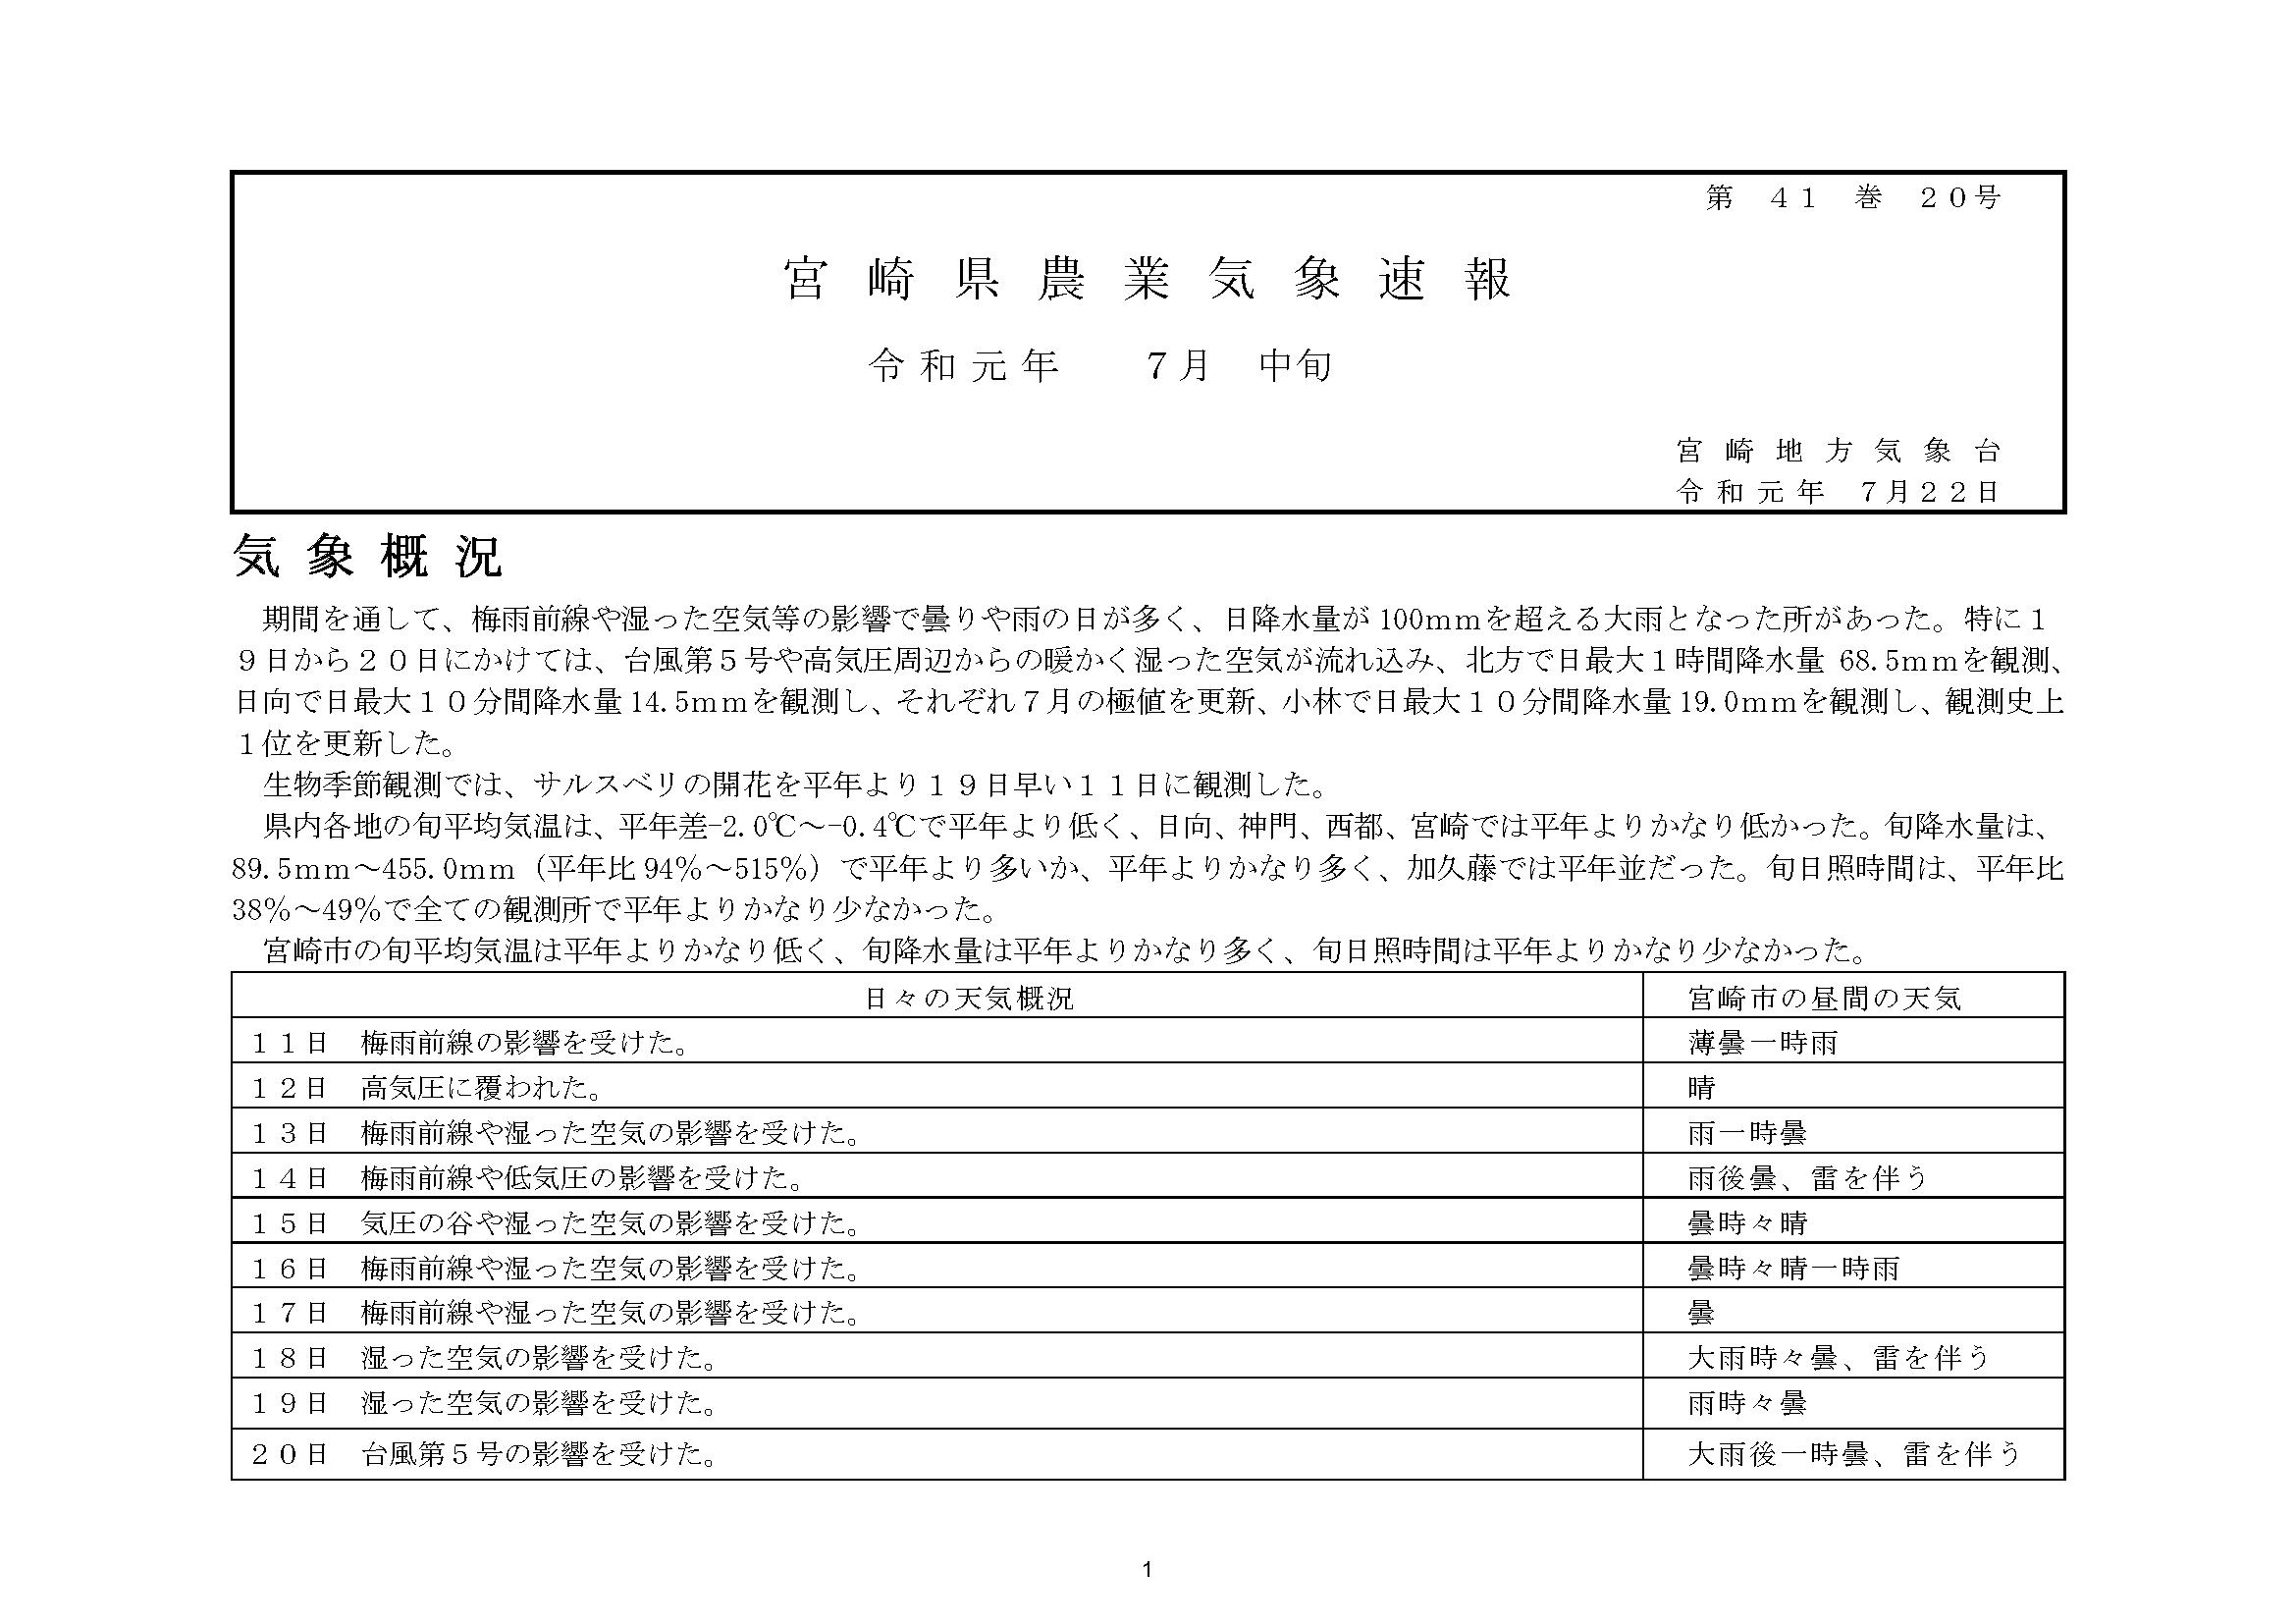 宮崎県農業気象速報令和元年7月中旬PDF